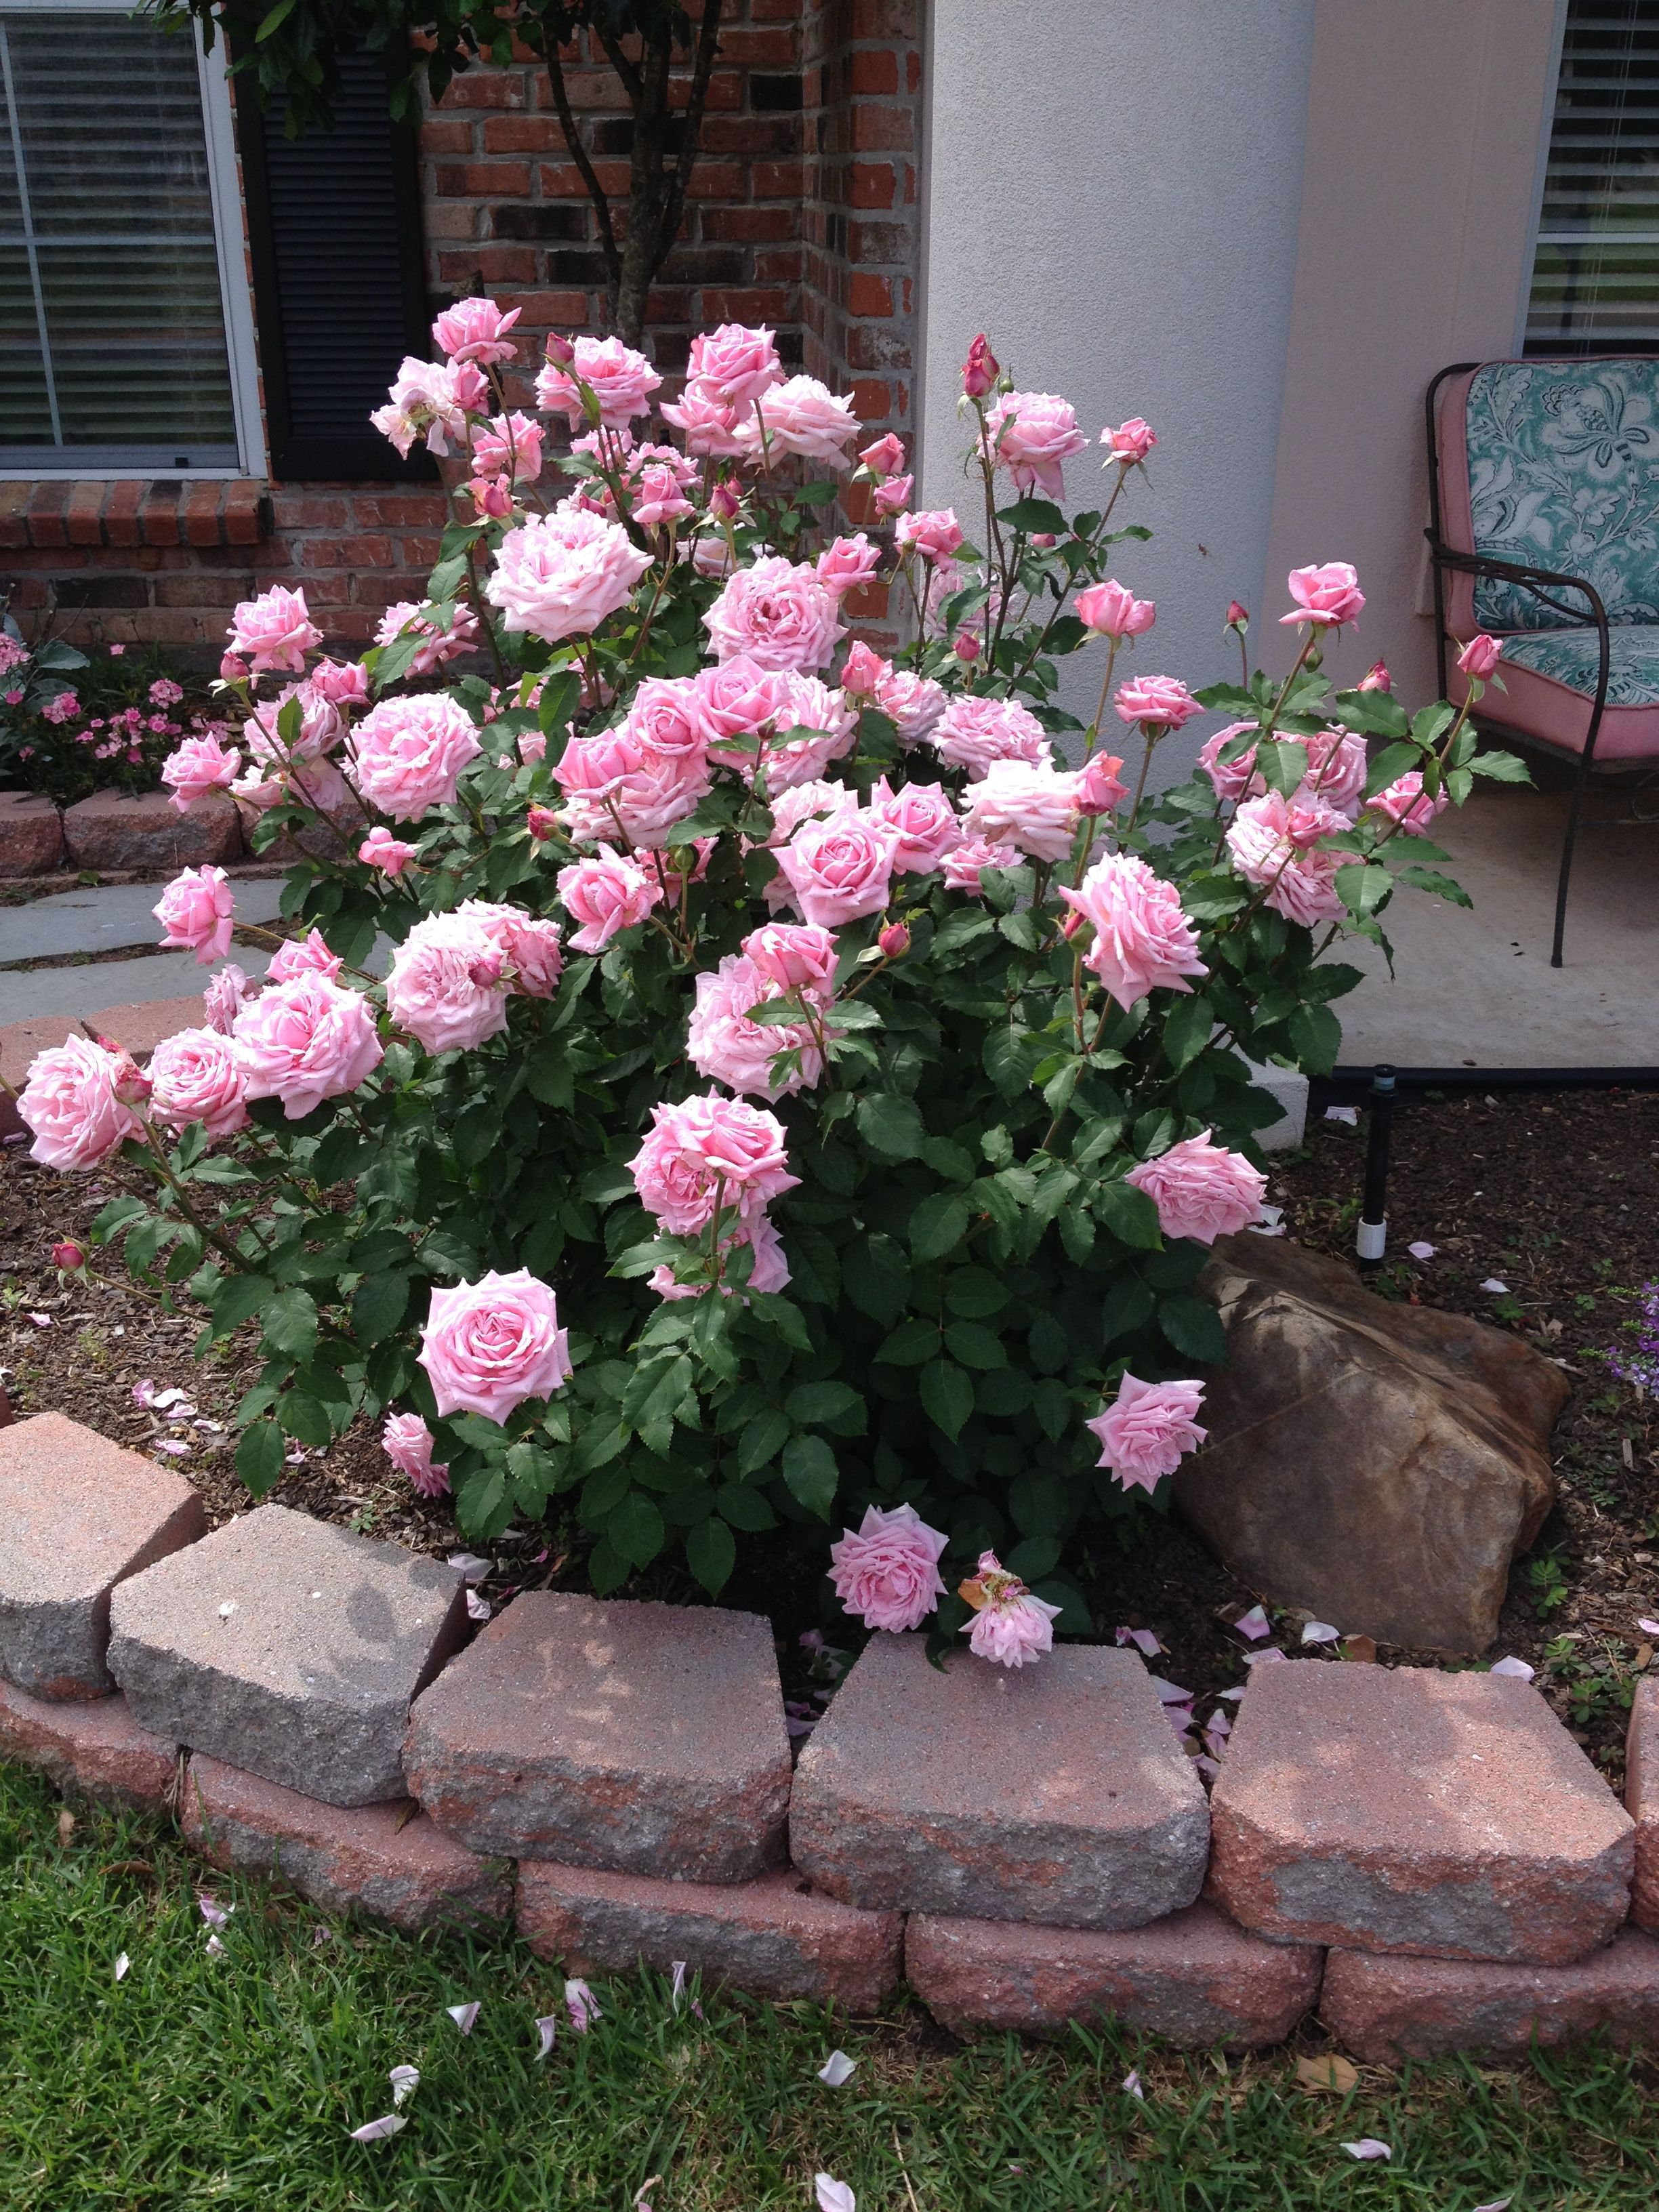 My husbands rose bush Belindas Dream loves to bloom and smells